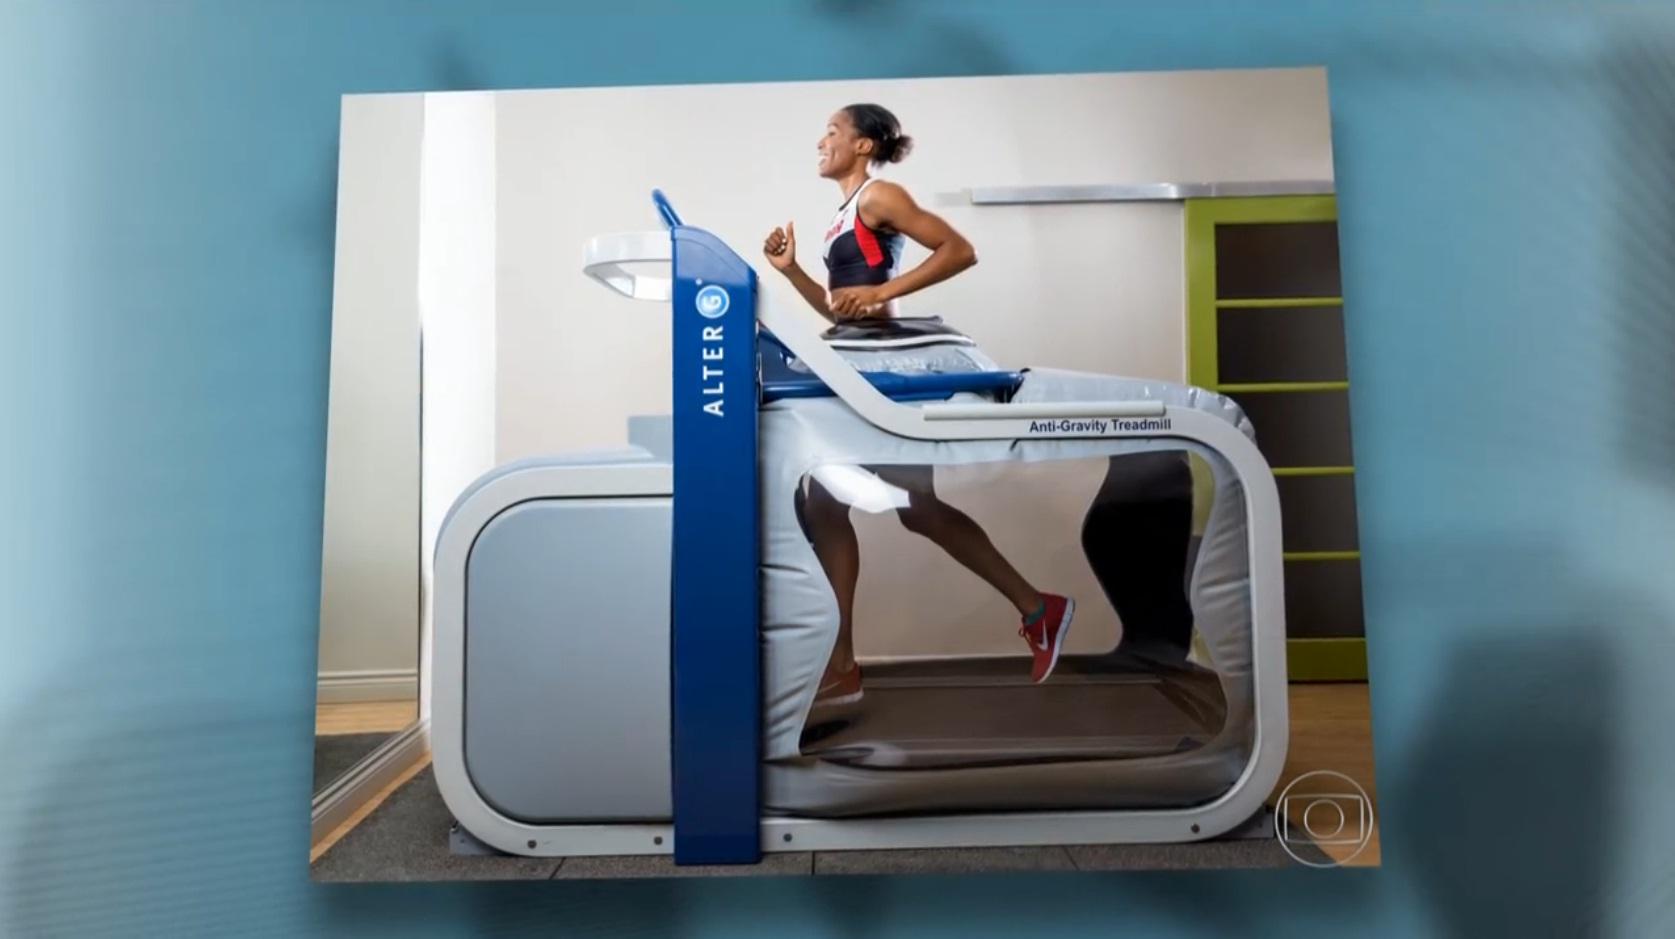 Esteira especial usada por CR7 deixa correr com redução de 80% do peso - eu  atleta  59c459f9556f8